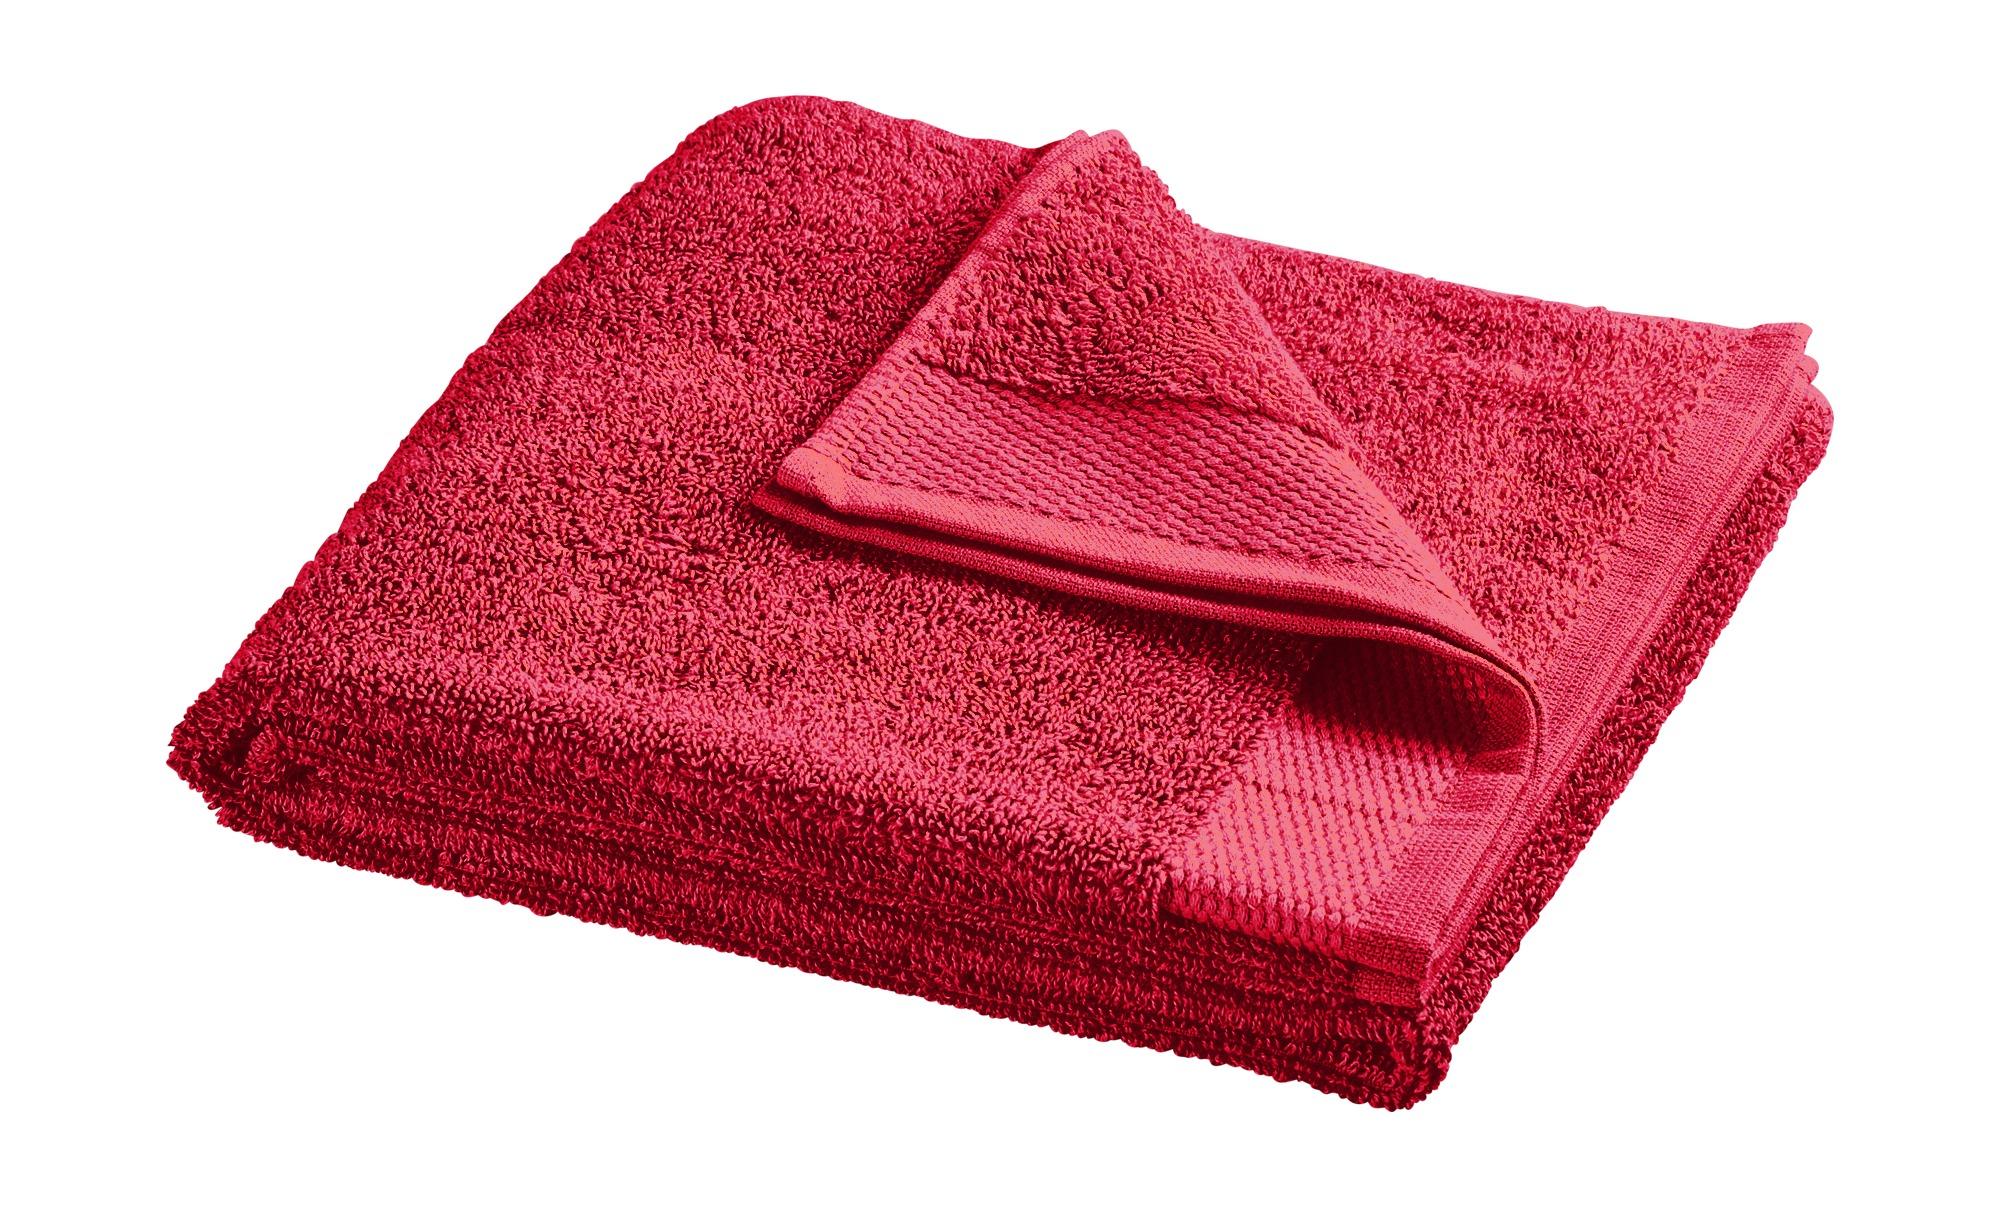 HOME STORY Handtuch  Bubble ¦ rot ¦ reine Baumwolle (100% Baumwolle) ¦ Maße (cm): B: 50 Badtextilien und Zubehör > Handtücher & Badetücher > Handtücher - Höffner